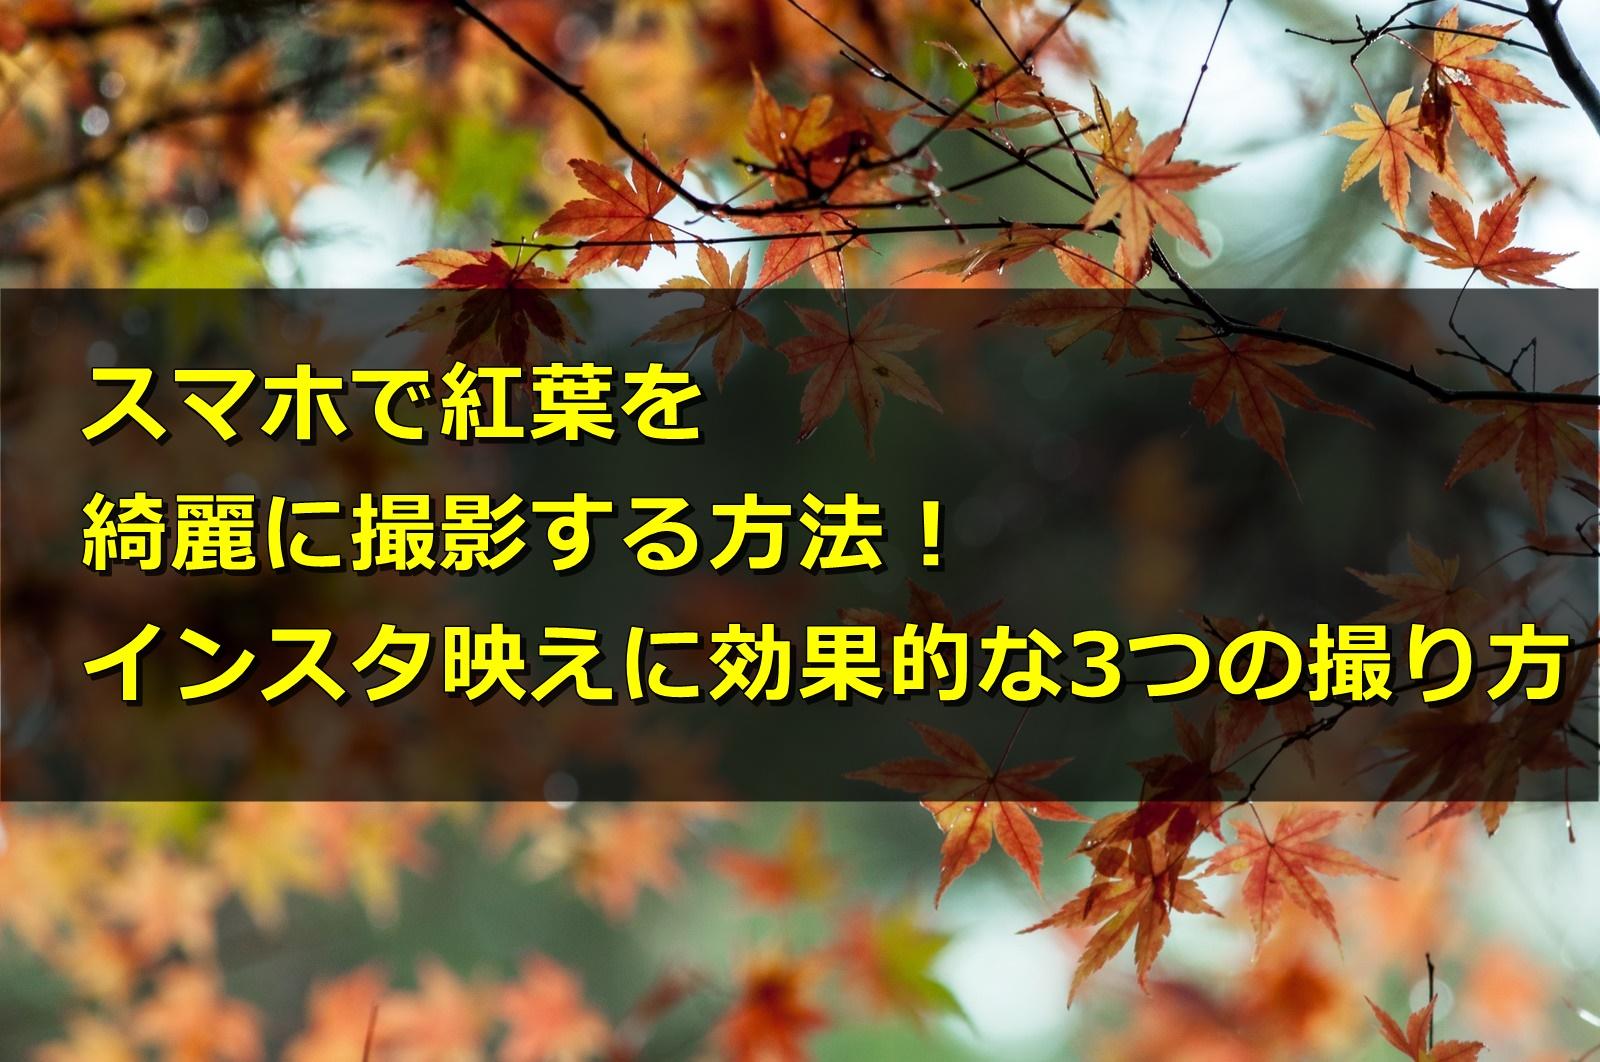 スマホで紅葉を撮影する方法!インスタ映えに効果的な3つの撮り方